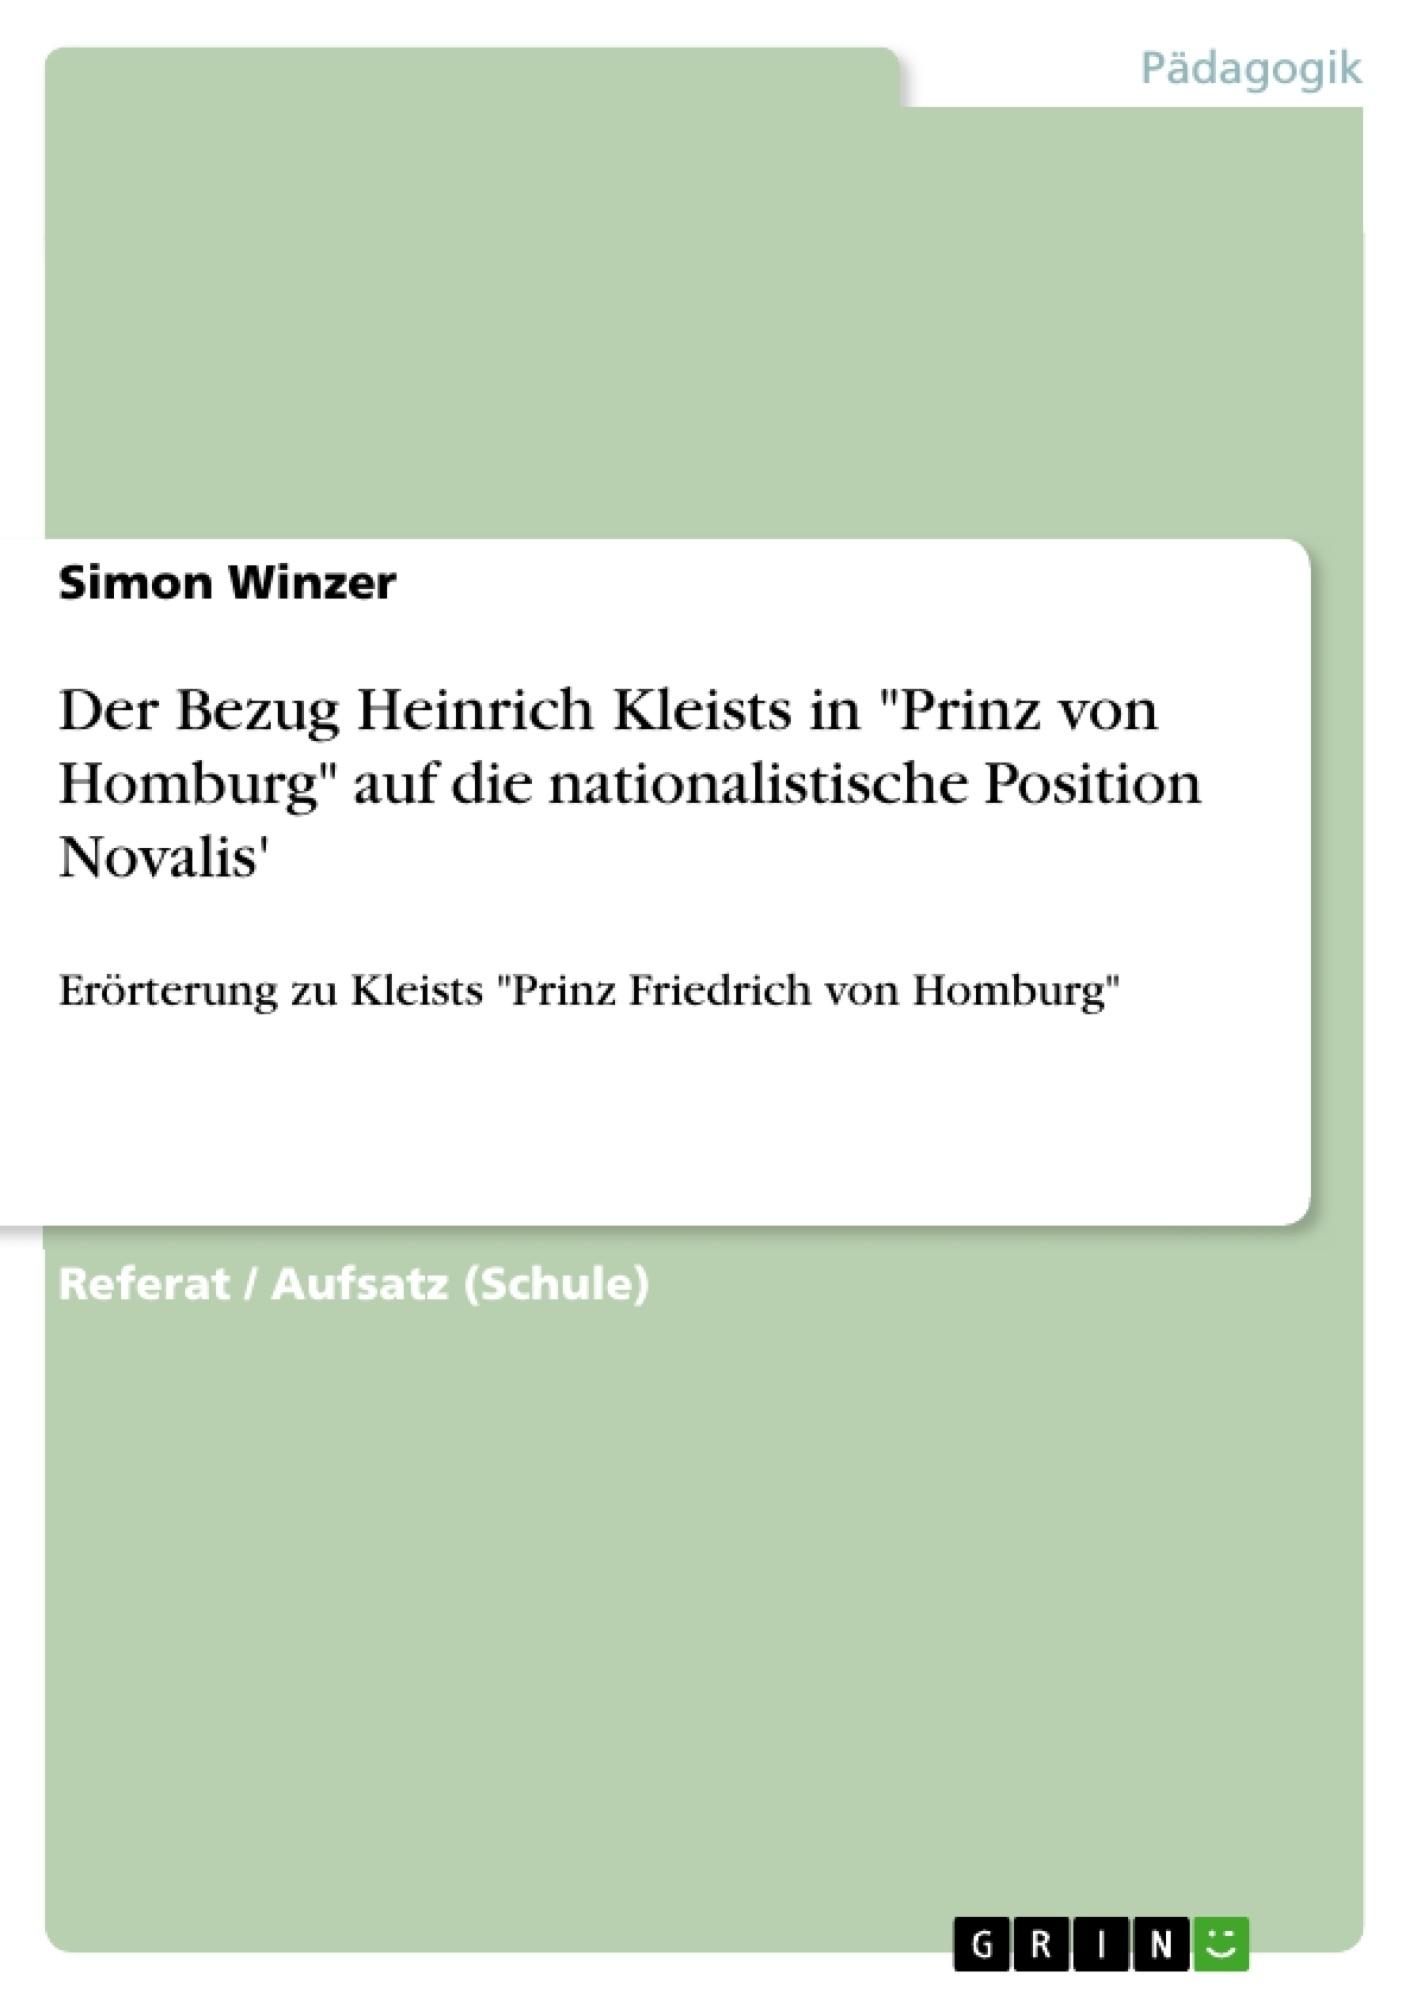 """Titel: Der Bezug Heinrich Kleists in """"Prinz von Homburg"""" auf die nationalistische Position Novalis'"""